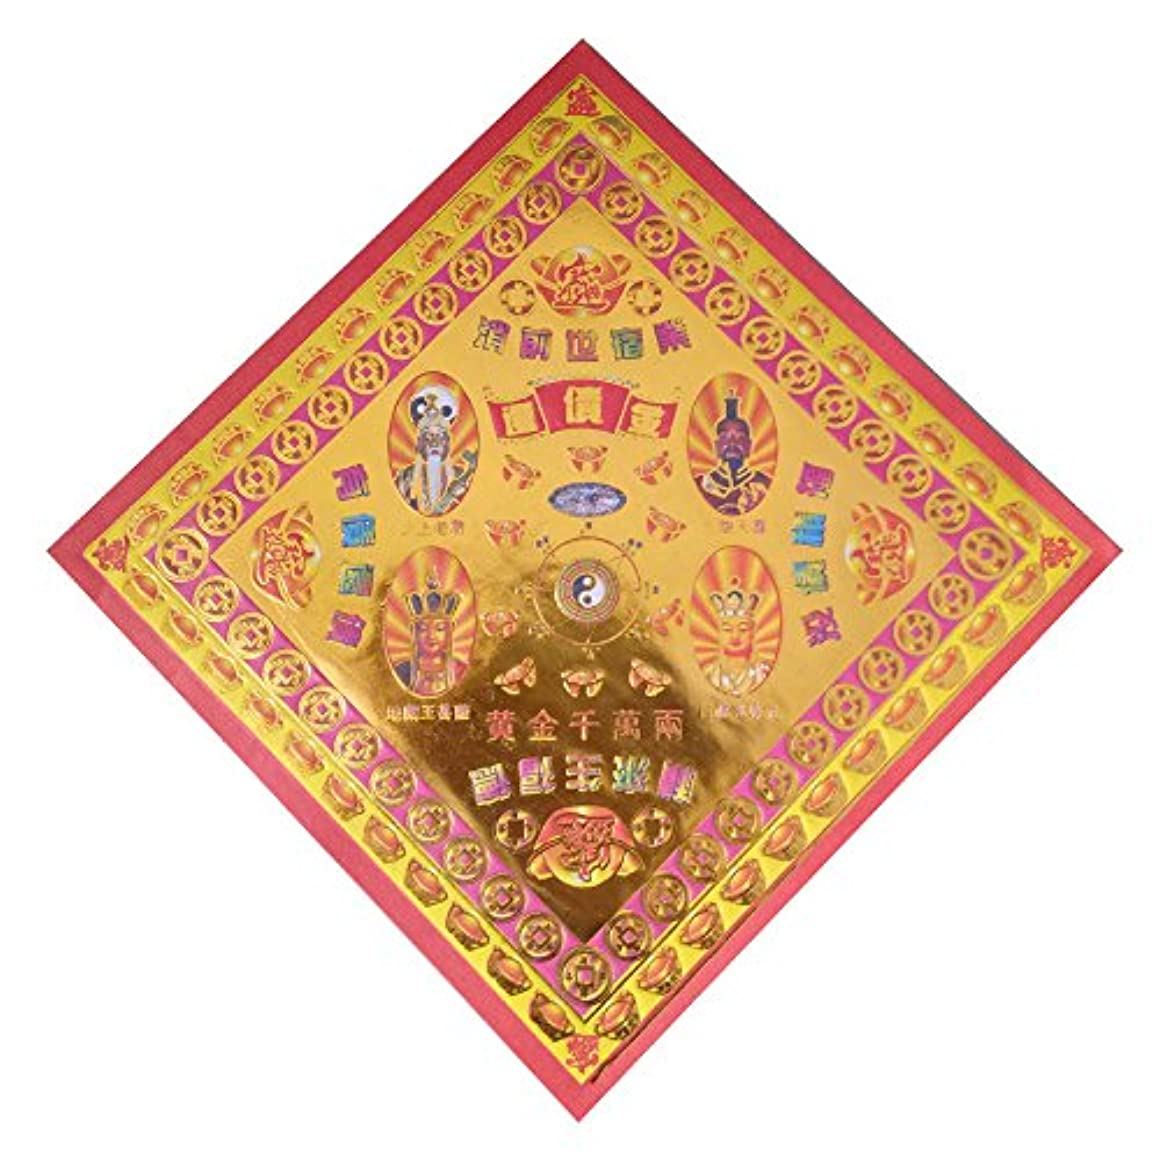 メカニック比べる絶対のzeestar 40個Incense用紙/Joss Paper Money/Joss用紙yellow-goldの祖先Praying 7.67インチx 7.67インチ – huanzhaijin